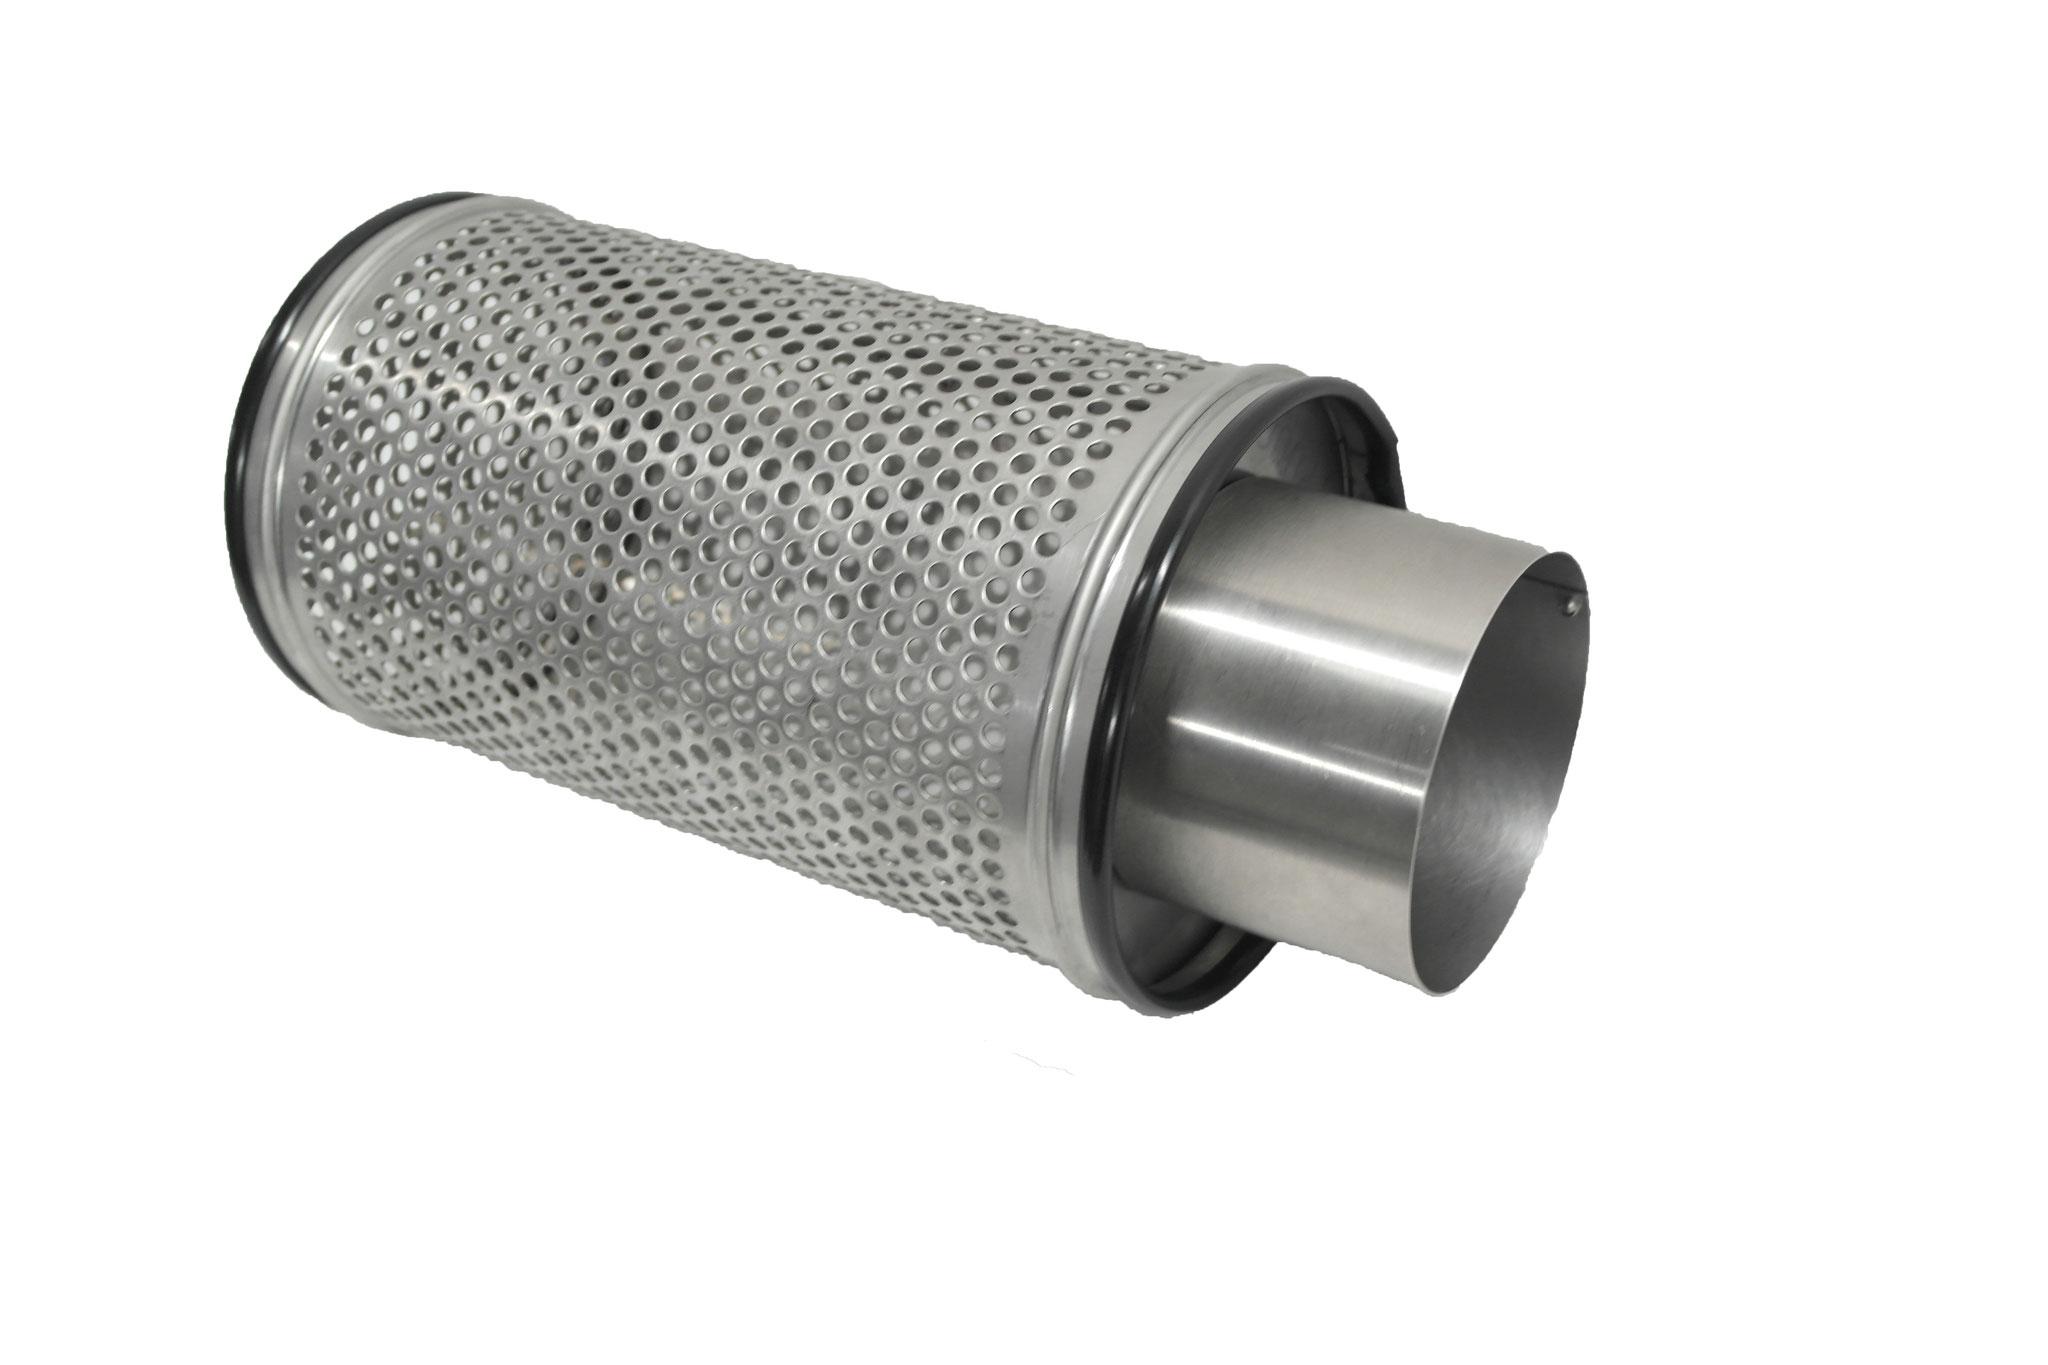 Pumpen Ansaugkorb mit 110er KG Rohr Anschluss Flowfriend Wiremesh HighFil